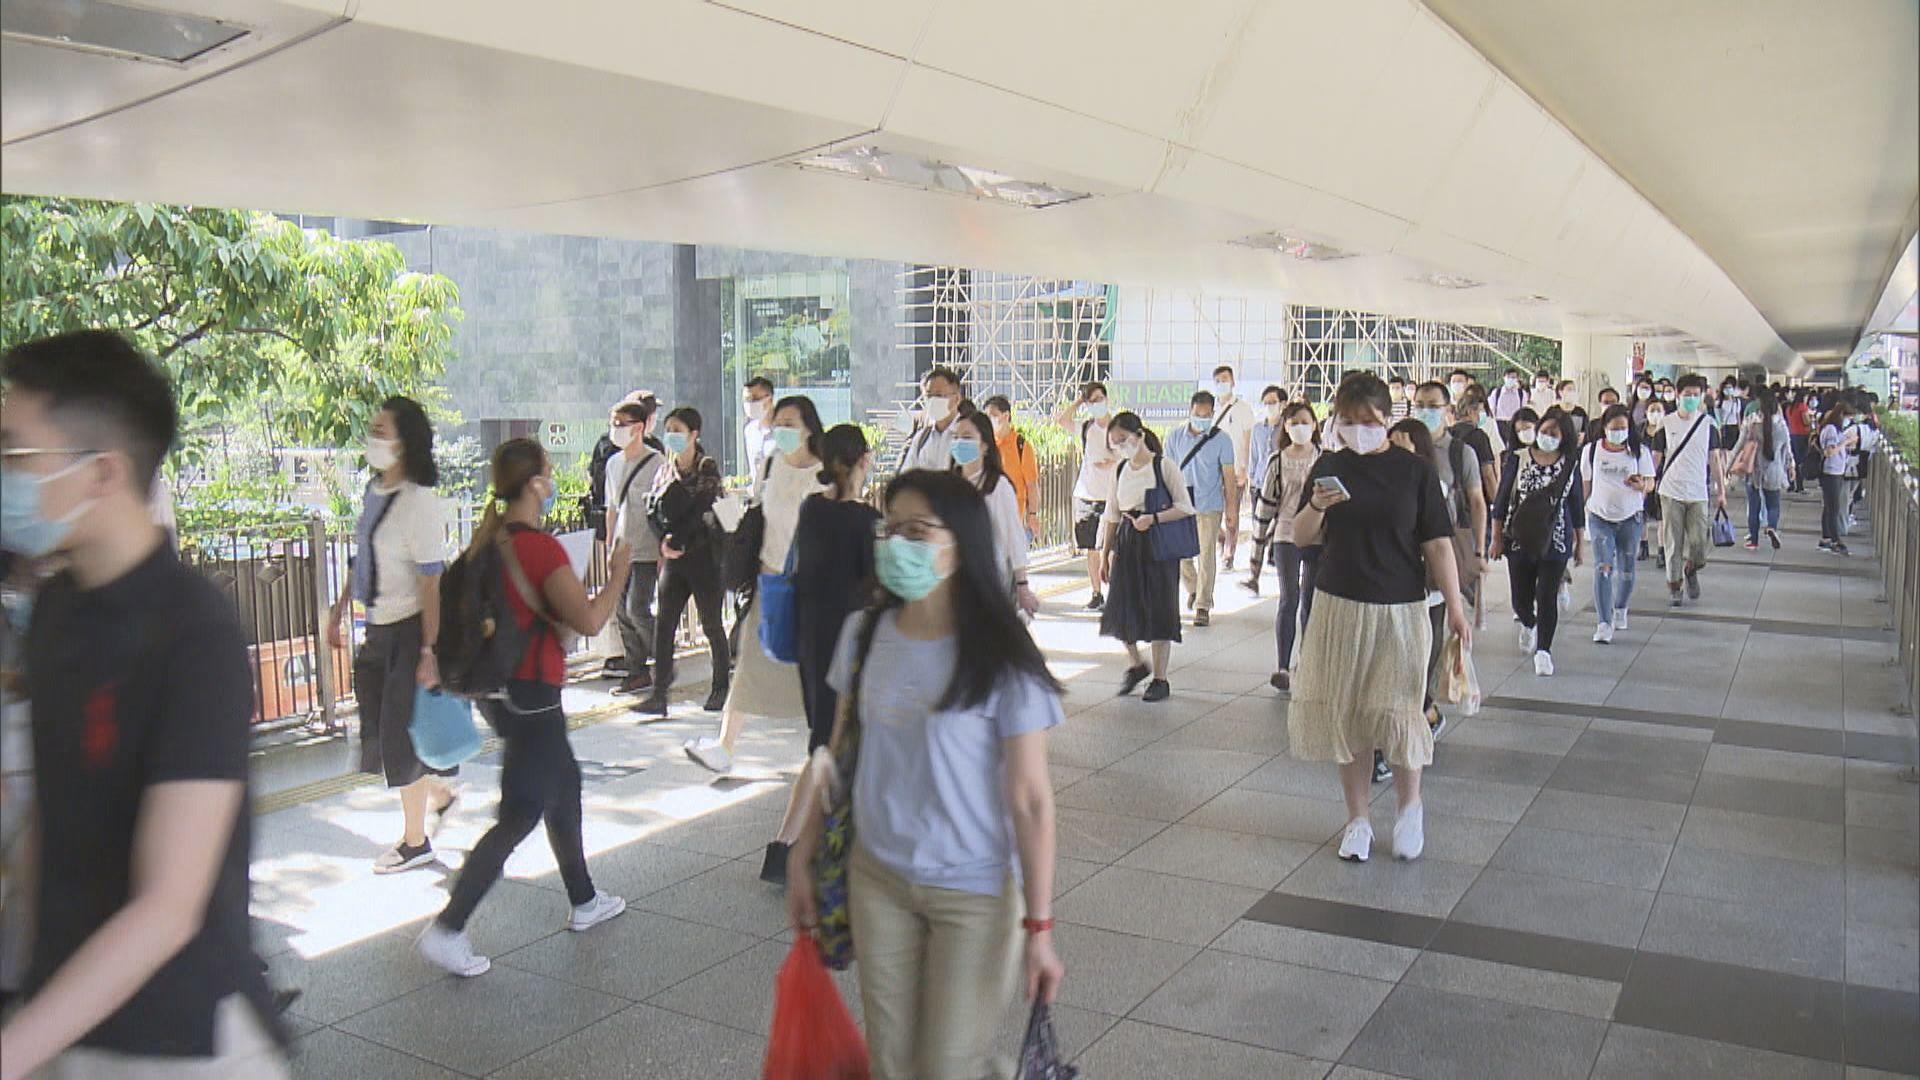 林鄭月娥:50人限聚令非打壓示威 防疫不涉政治考慮